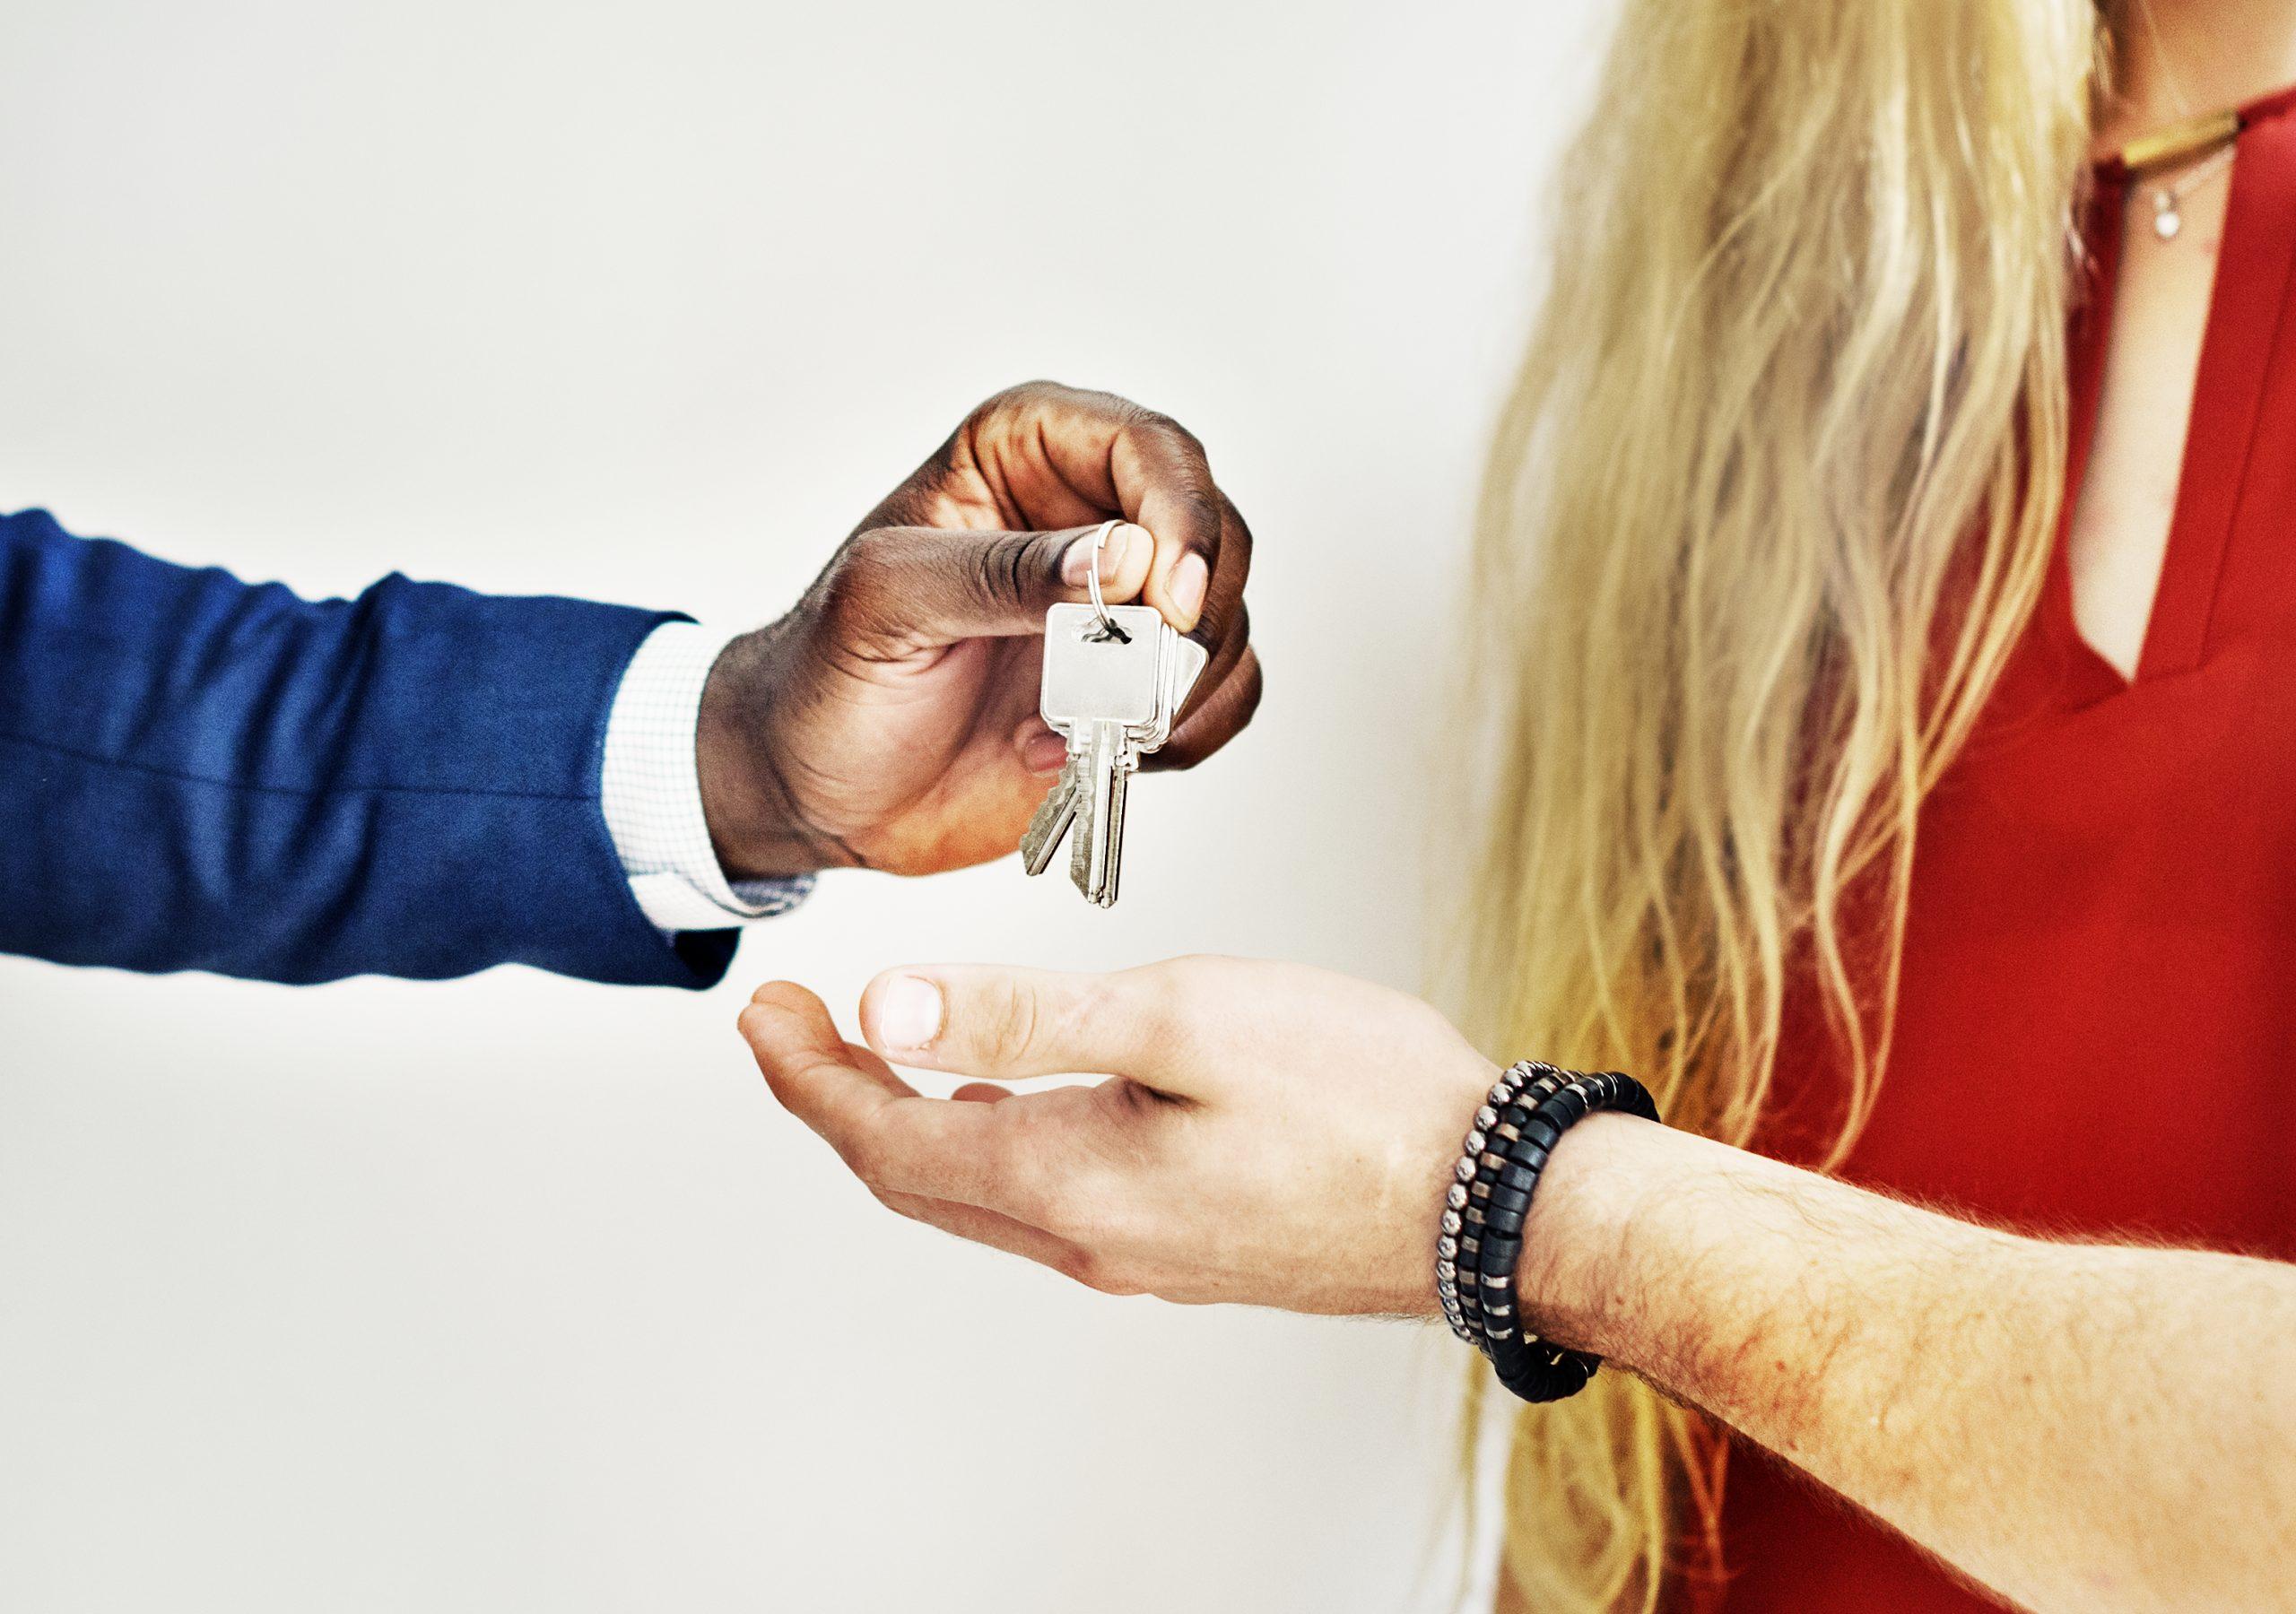 Darauf sollten Sie achten, sobald Sie einen Immobilienmakler beauftragen.